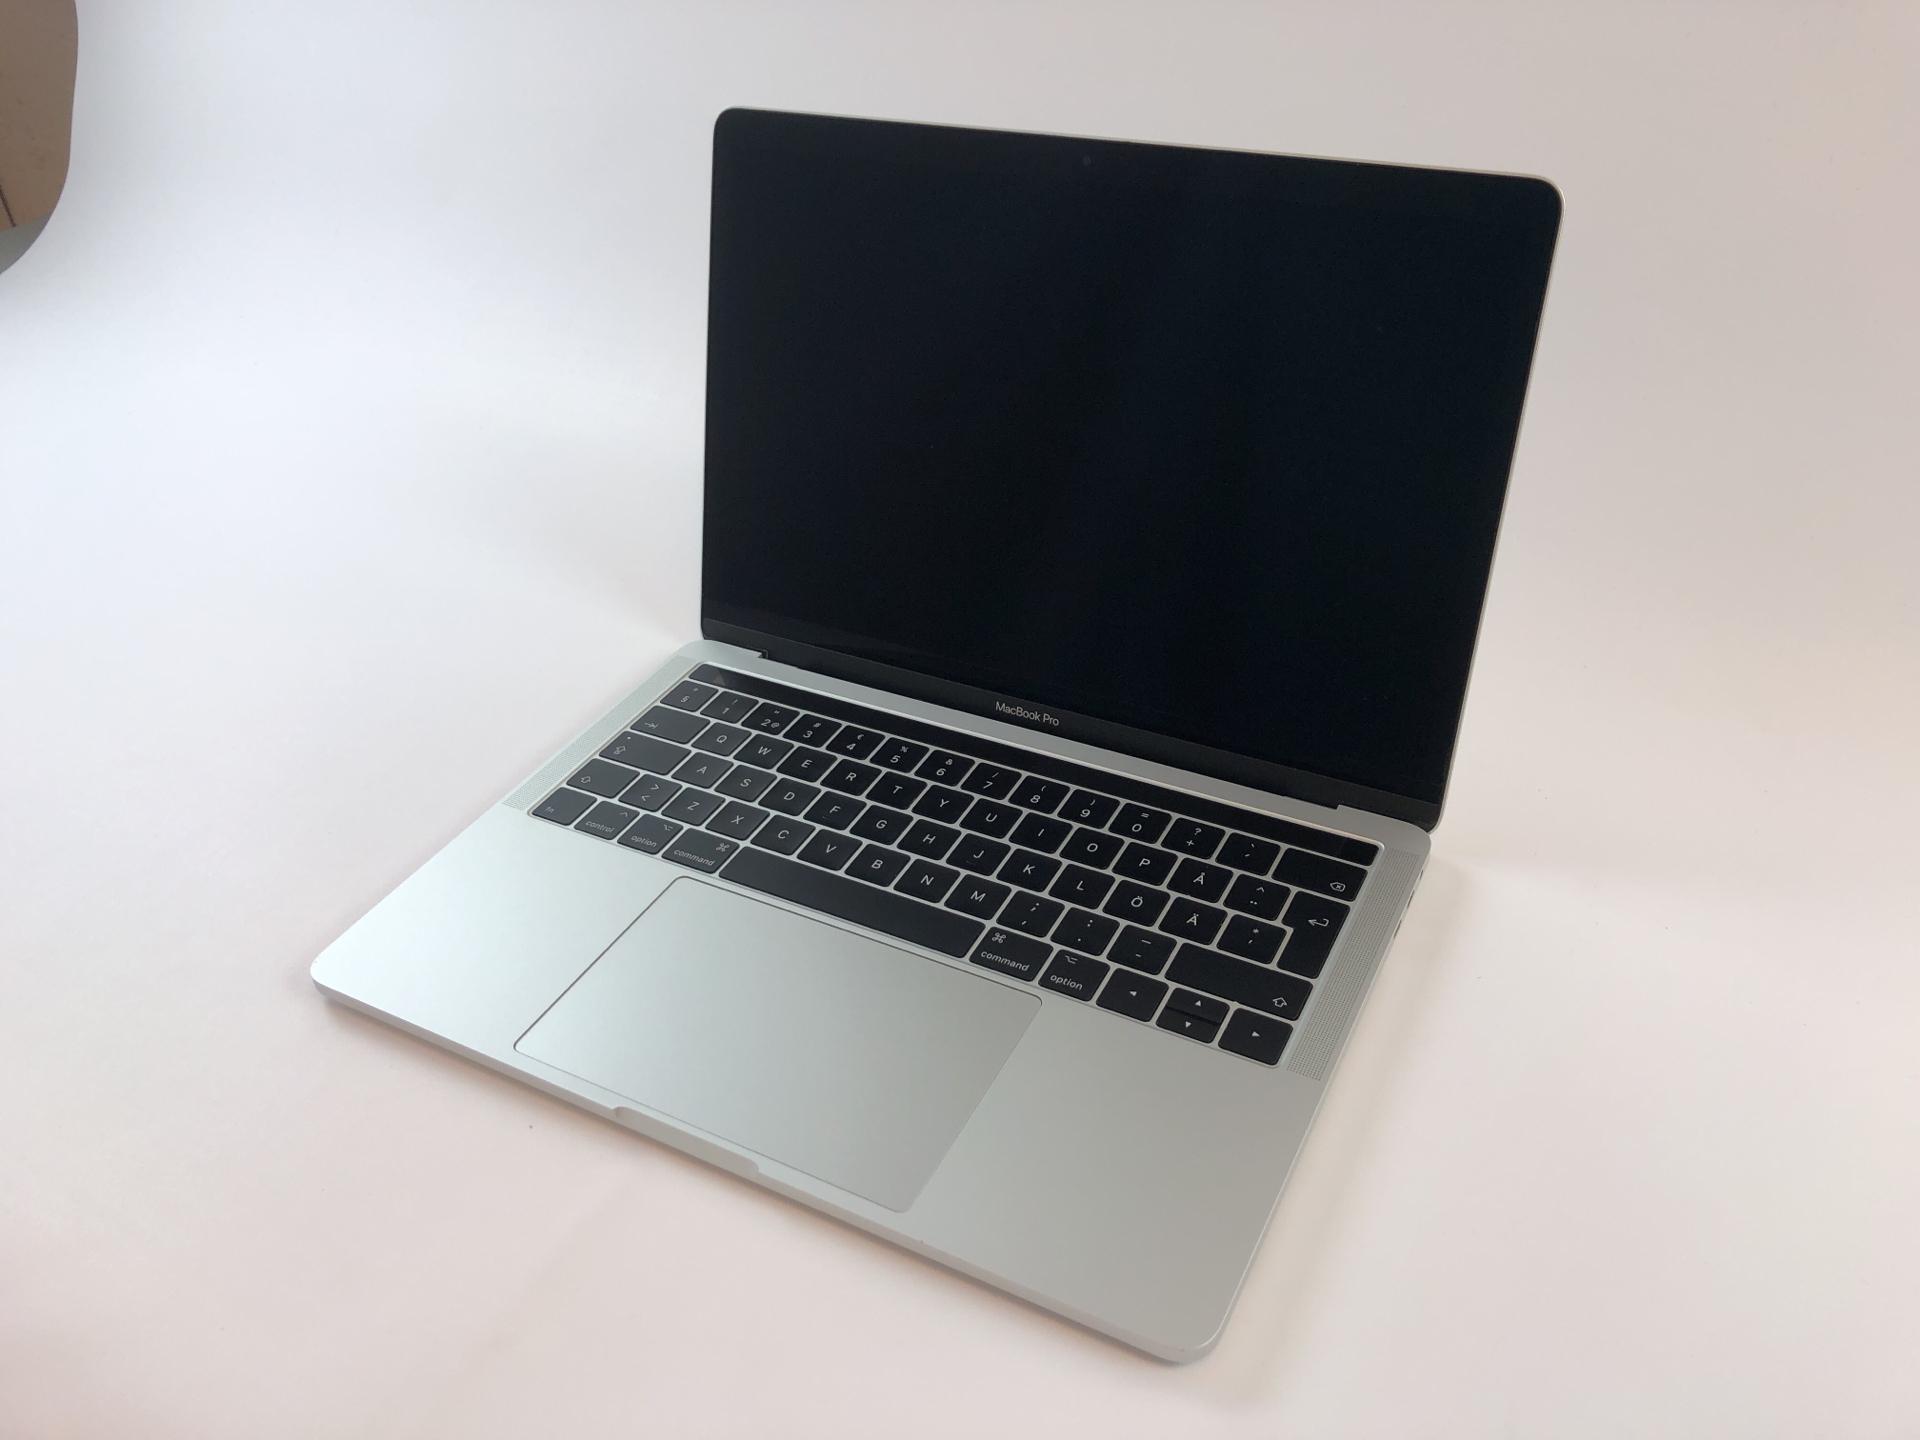 """MacBook Pro 13"""" 4TBT Mid 2017 (Intel Core i5 3.1 GHz 8 GB RAM 256 GB SSD), Silver, Intel Core i5 3.1 GHz, 8 GB RAM, 256 GB SSD, bild 1"""